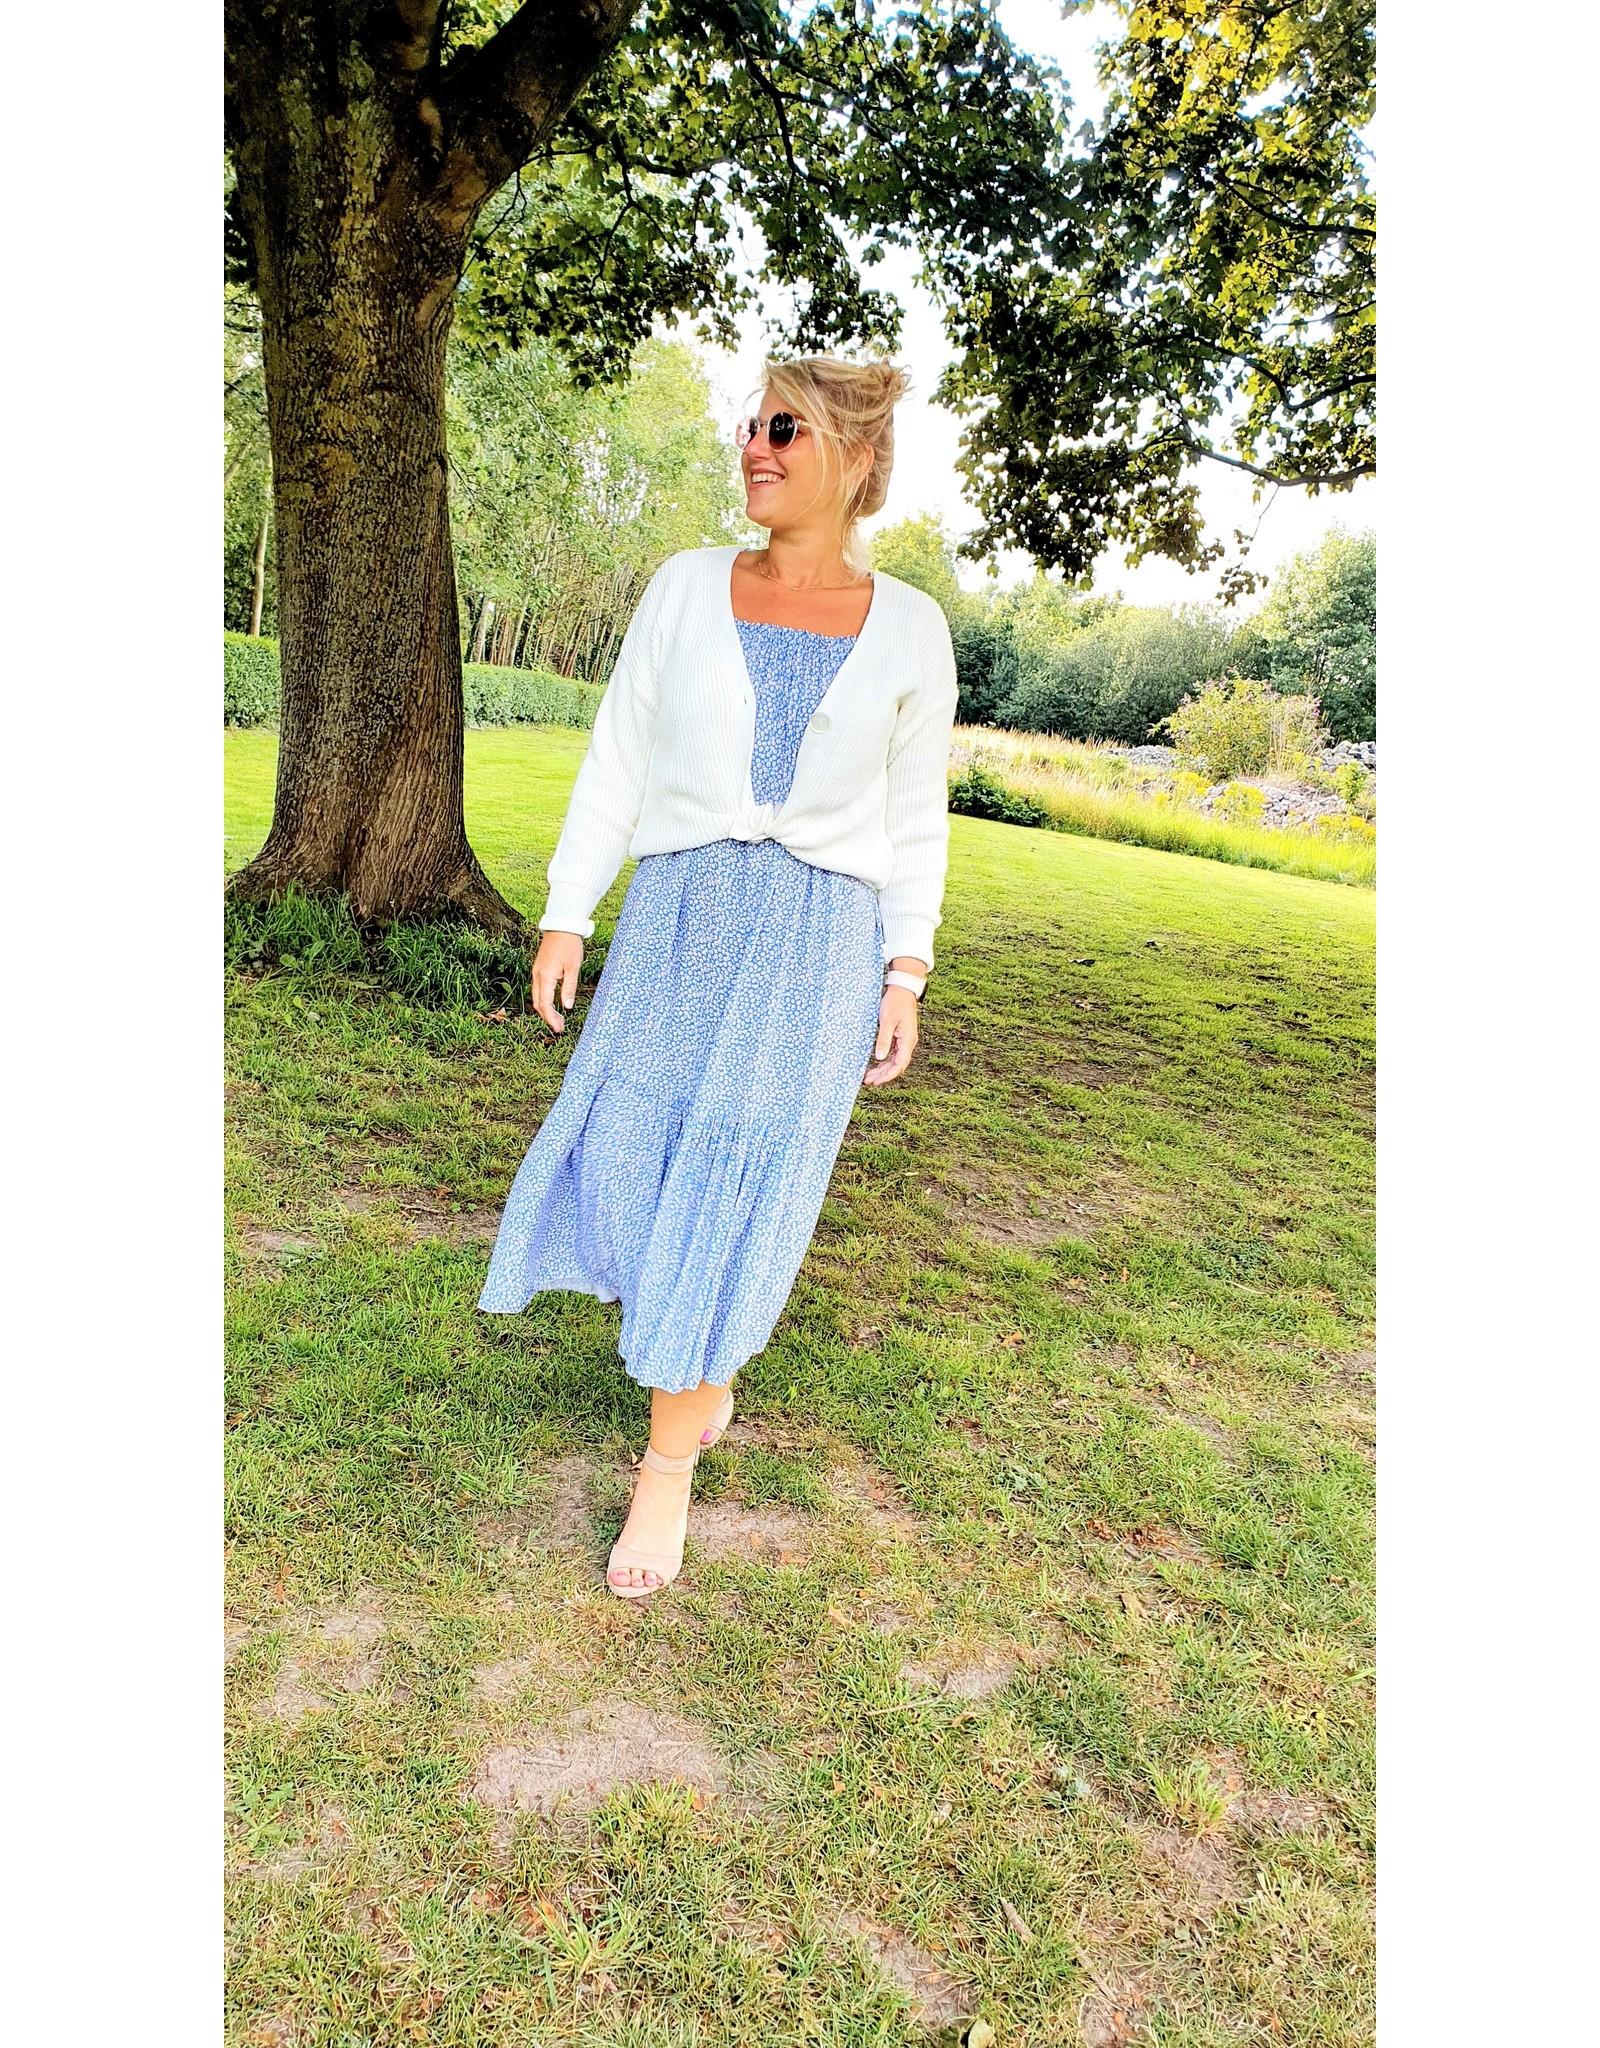 Thé blue vacay dress